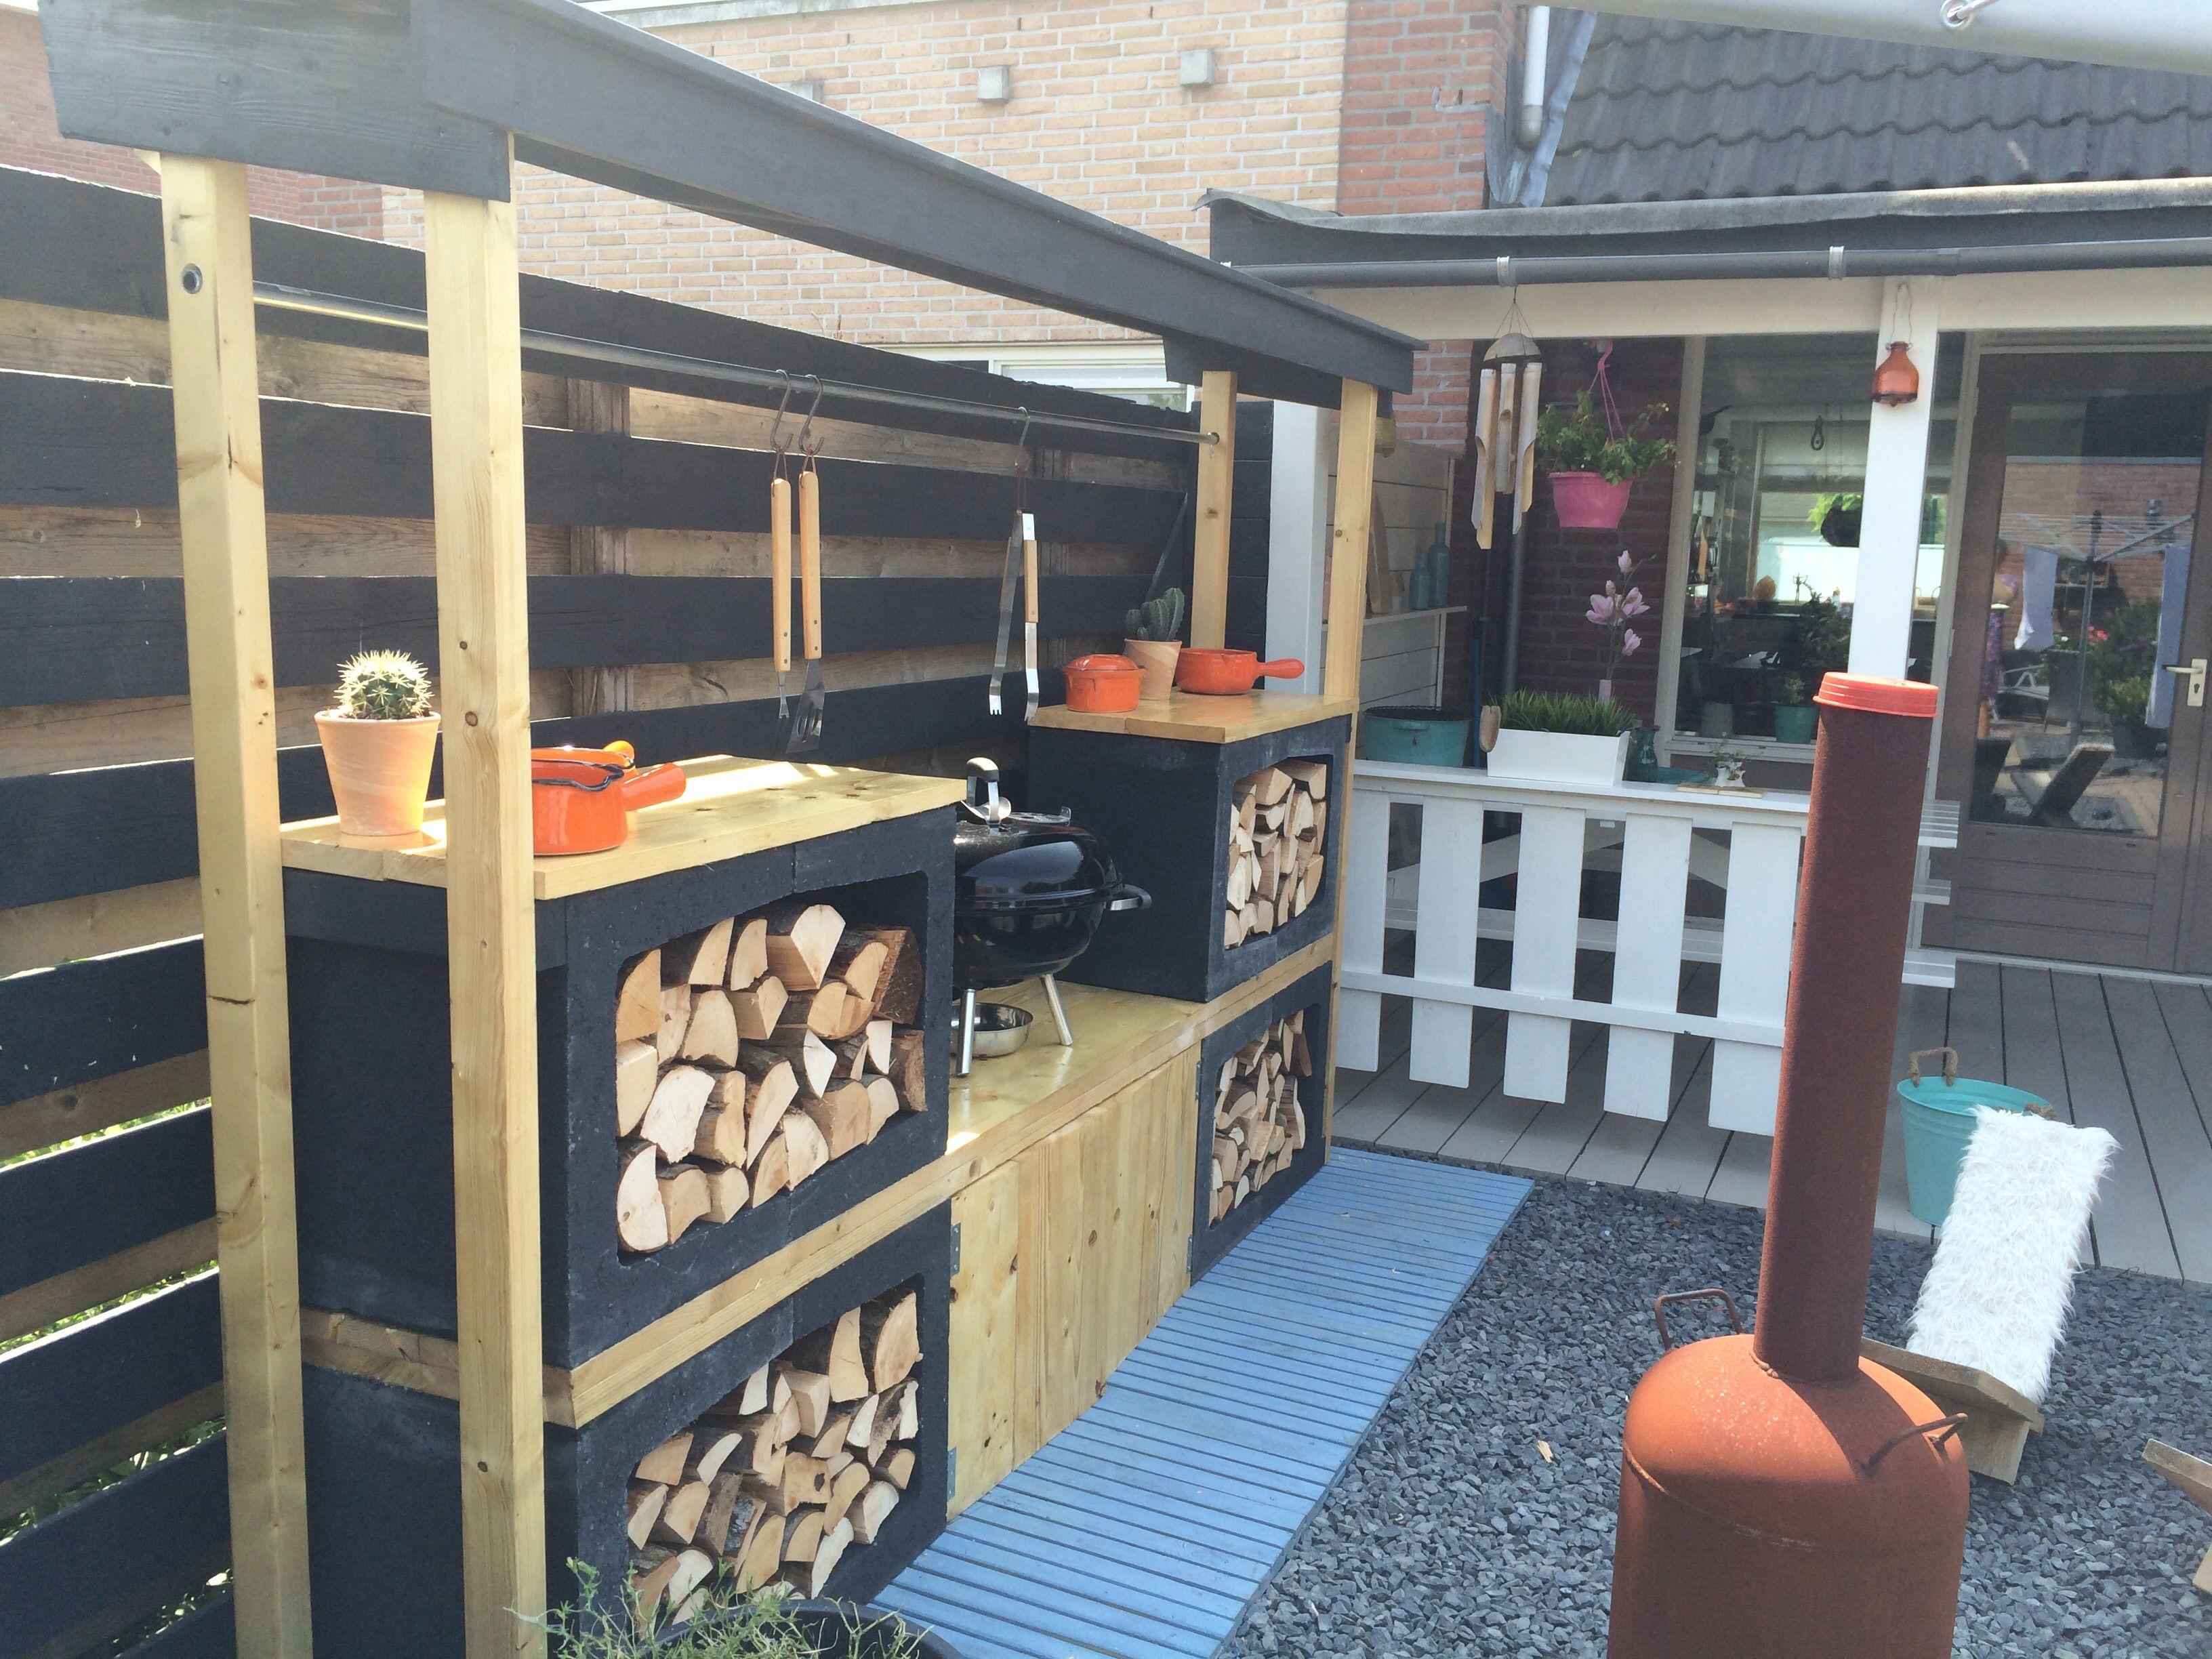 Buitenkeuken maken eigen huis en tuin google zoeken for Eigen huis en tuin kast maken